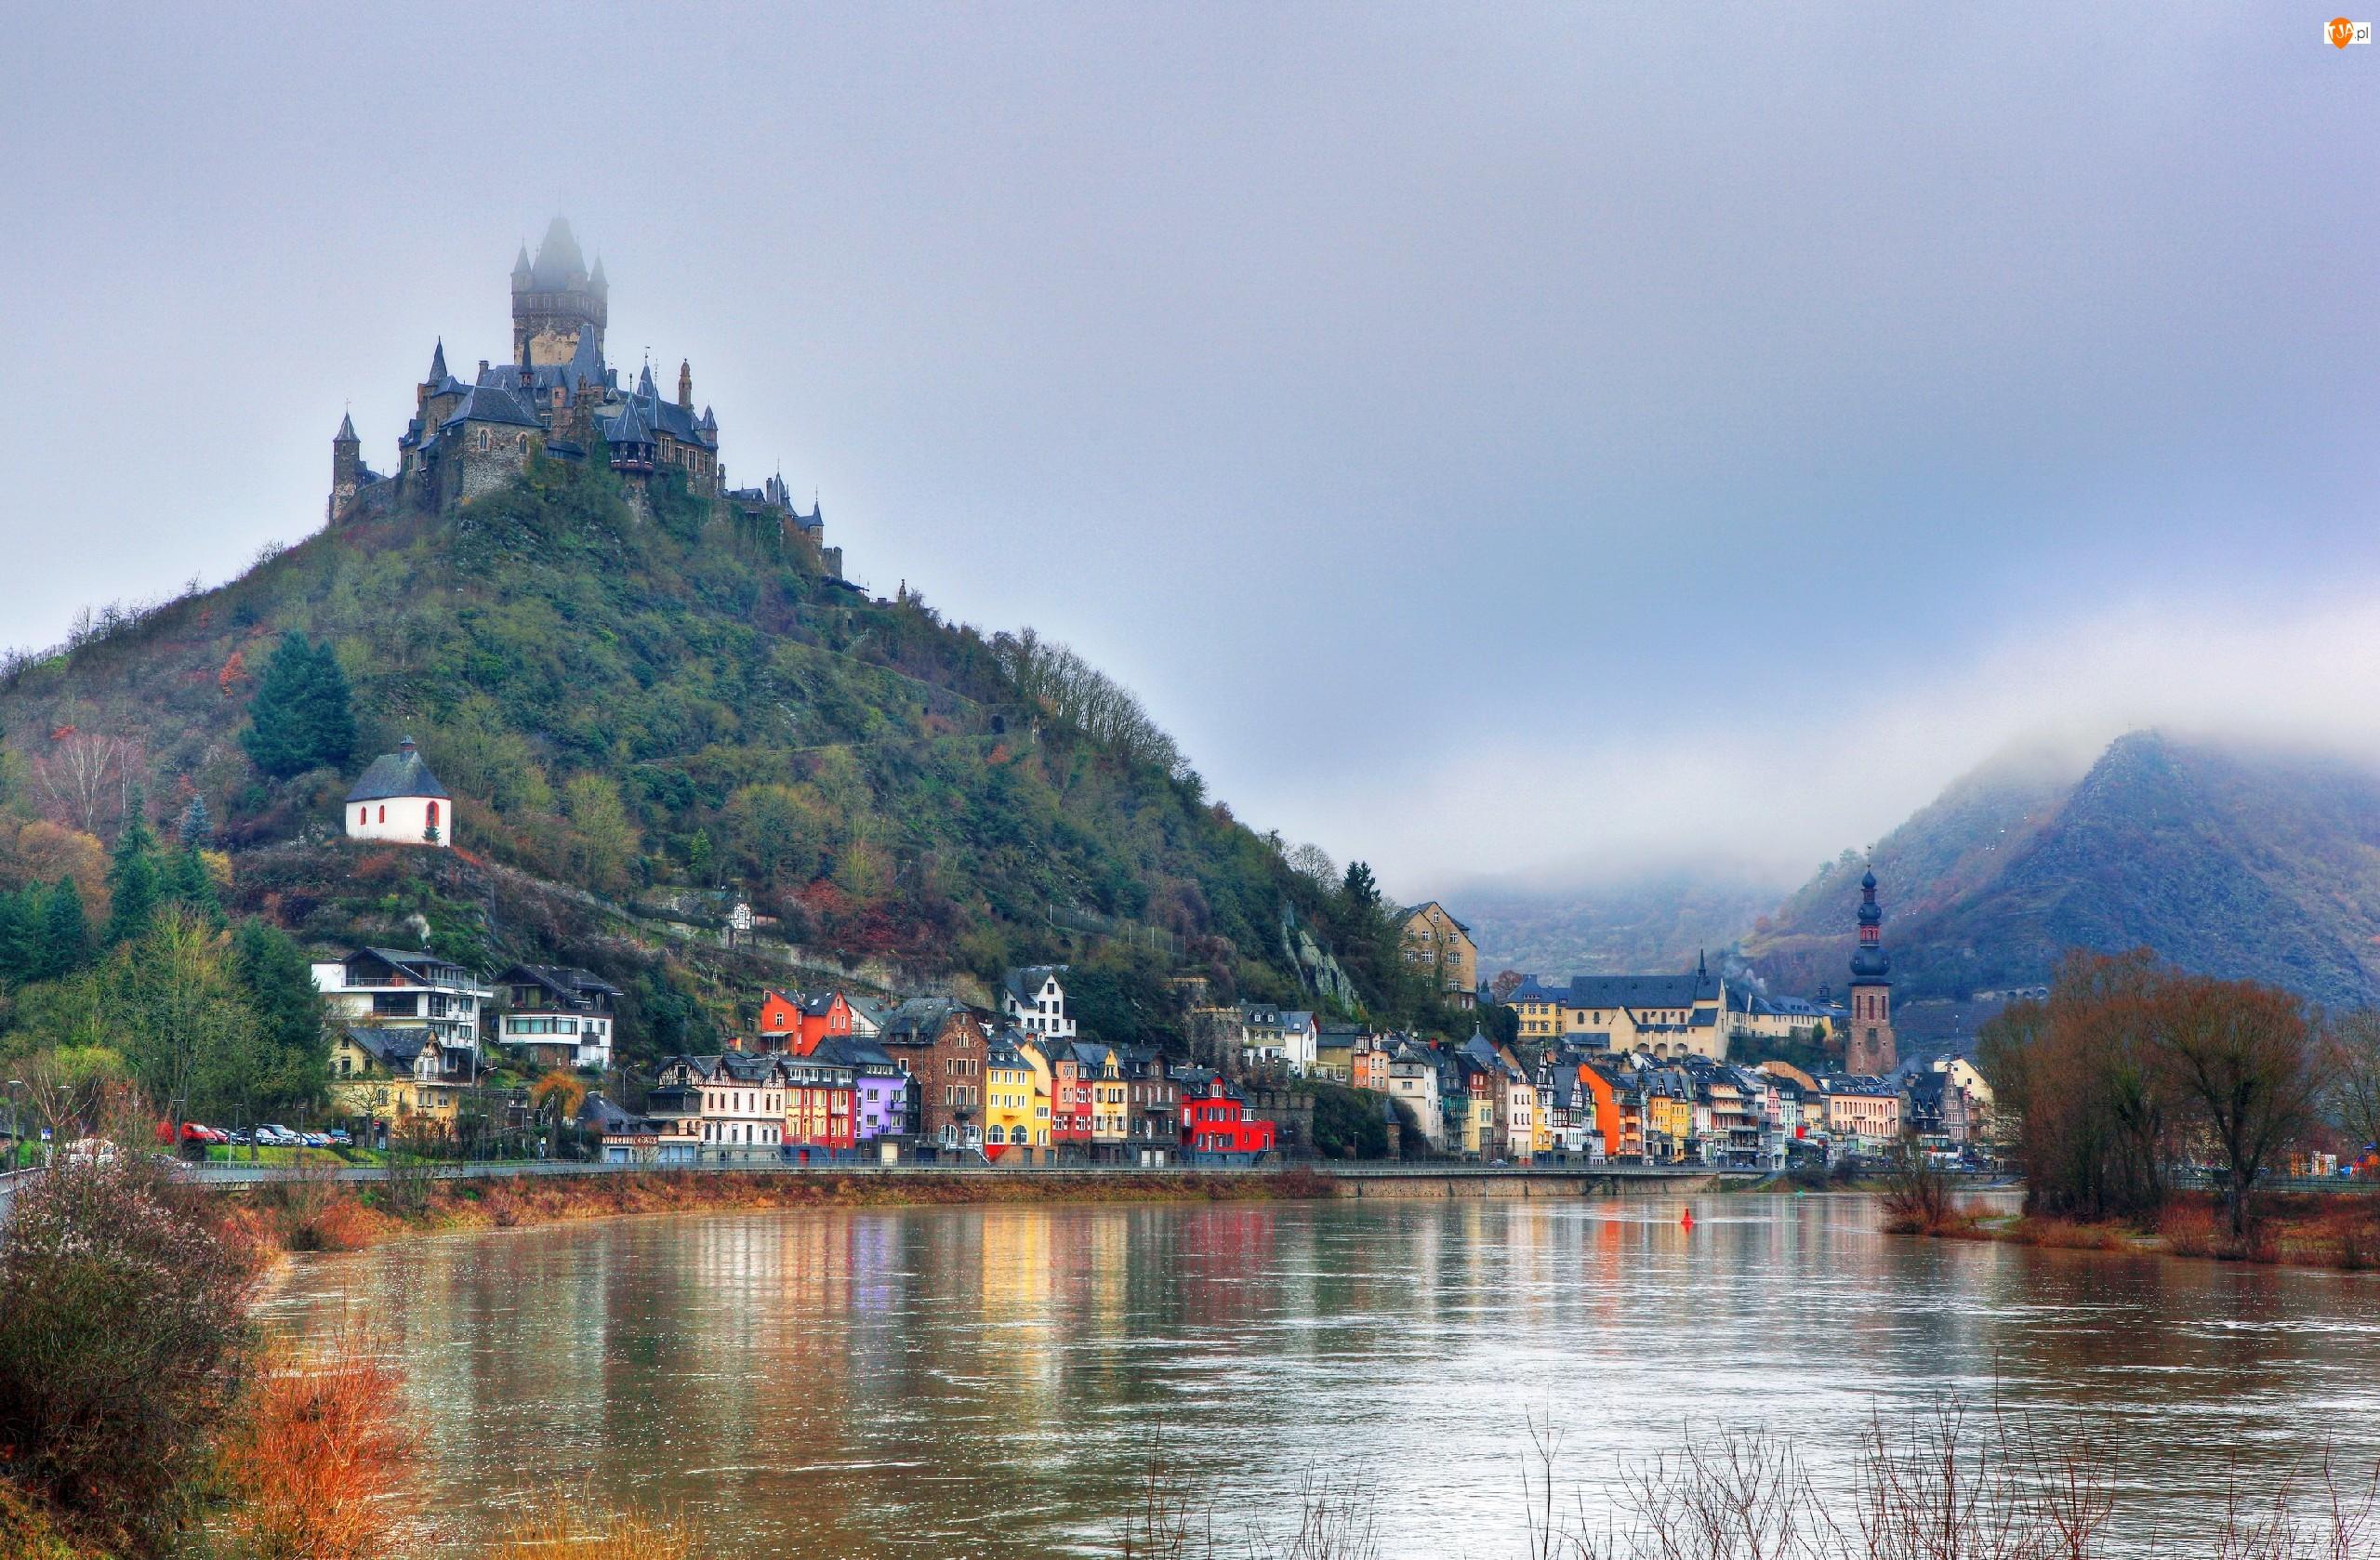 Domy, Miasto Cochem, Kolorowe, Rzeka Mozela, Mgła, Nadrenia-Palatynat, Niemcy, Zamek Cesarski Reichsburg, Góry